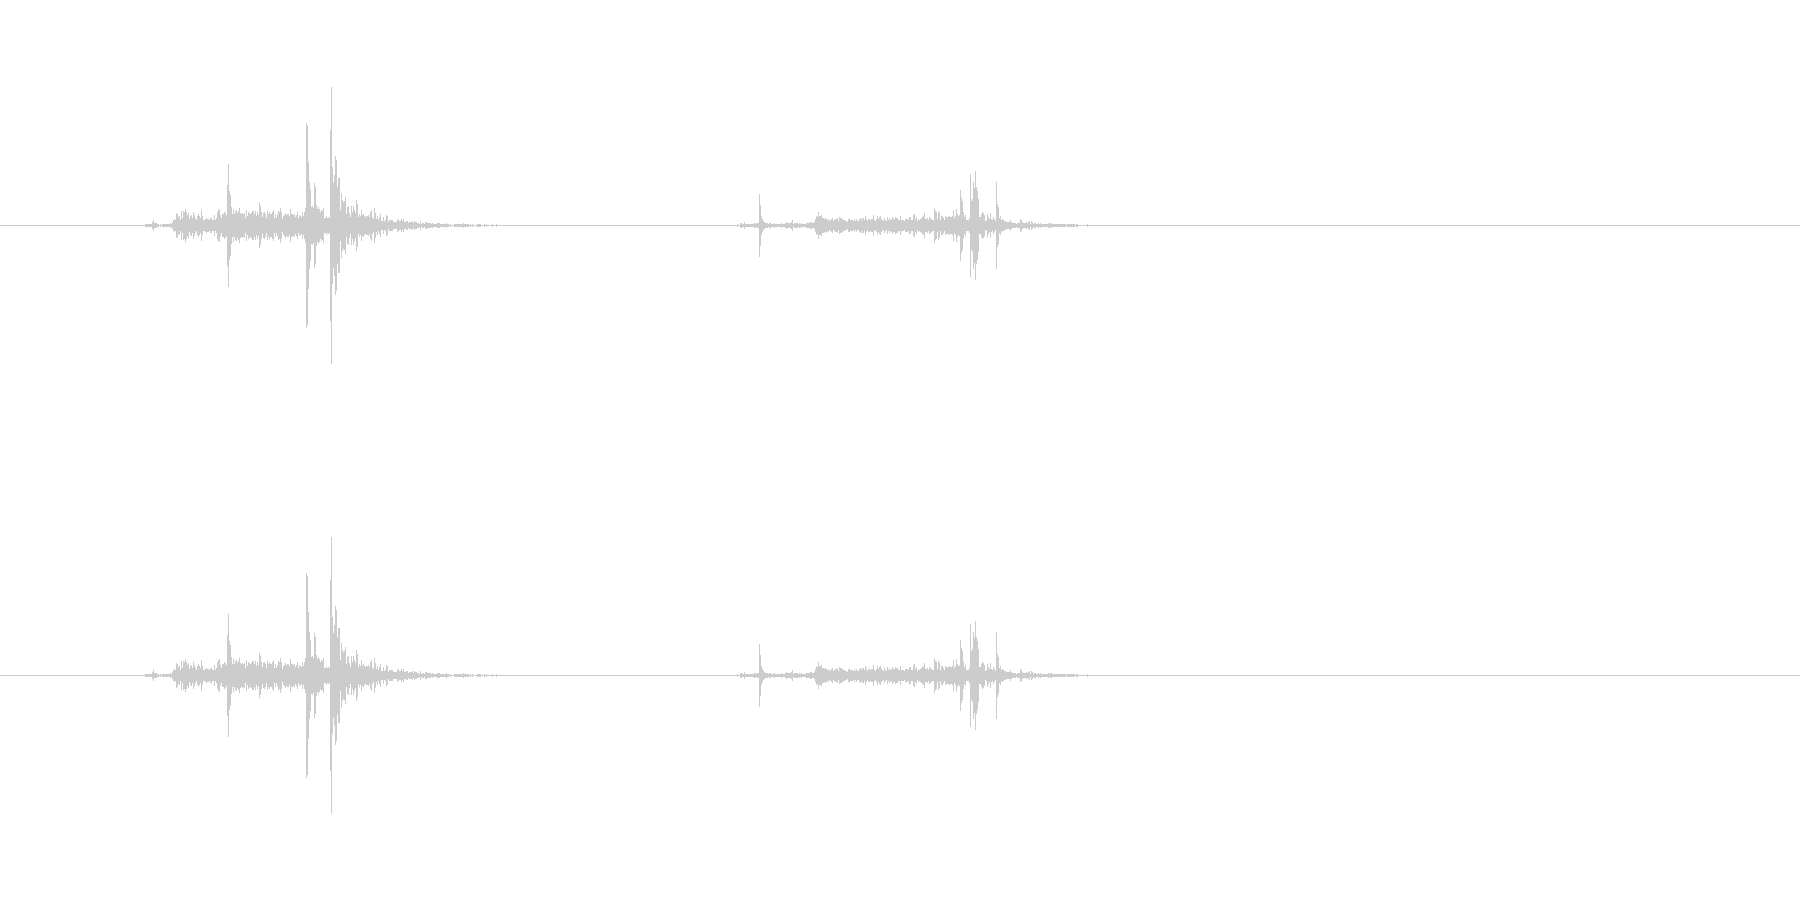 【穴あけパンチ01-2(パンチ)】の未再生の波形